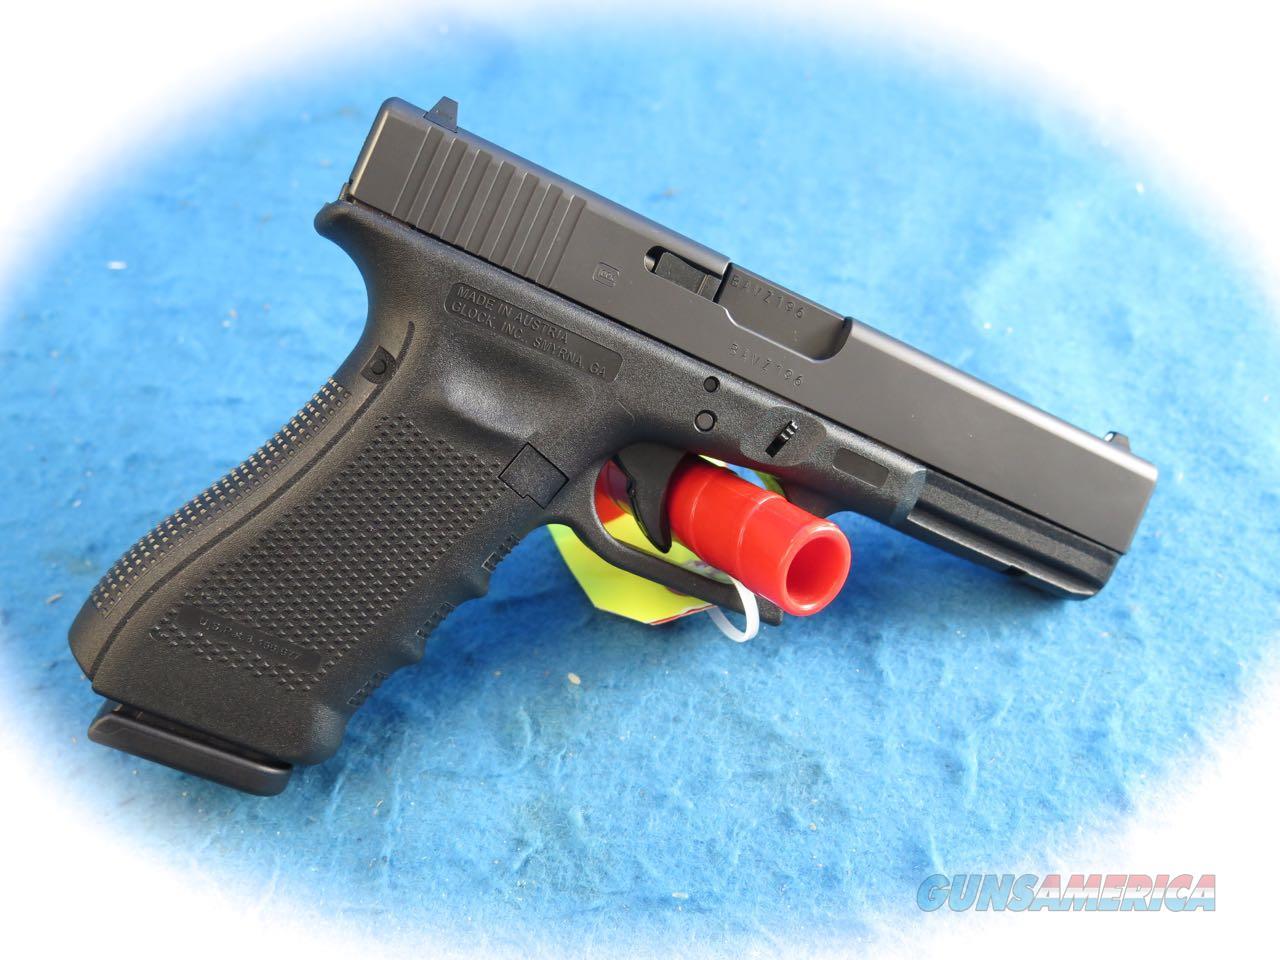 Glock Model 22 Gen 4 .40 S&W Pistol **New** On Sale  Guns > Pistols > Glock Pistols > 22